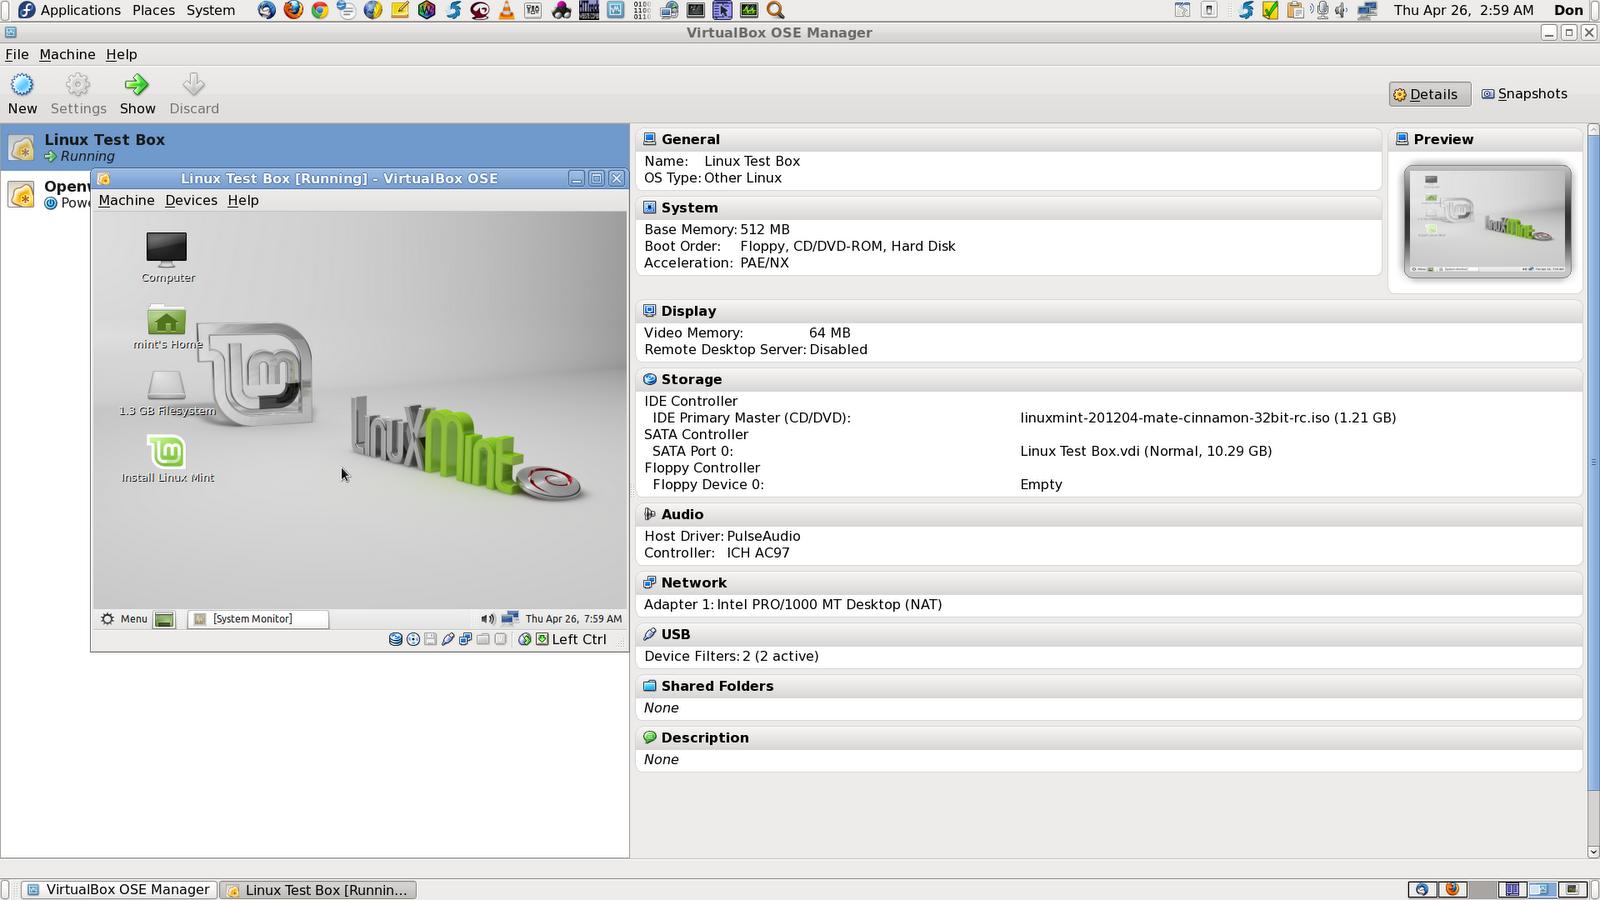 DonsDeals Blog: Linux Mint Debian 201204 RC (MATE/Cinnamon